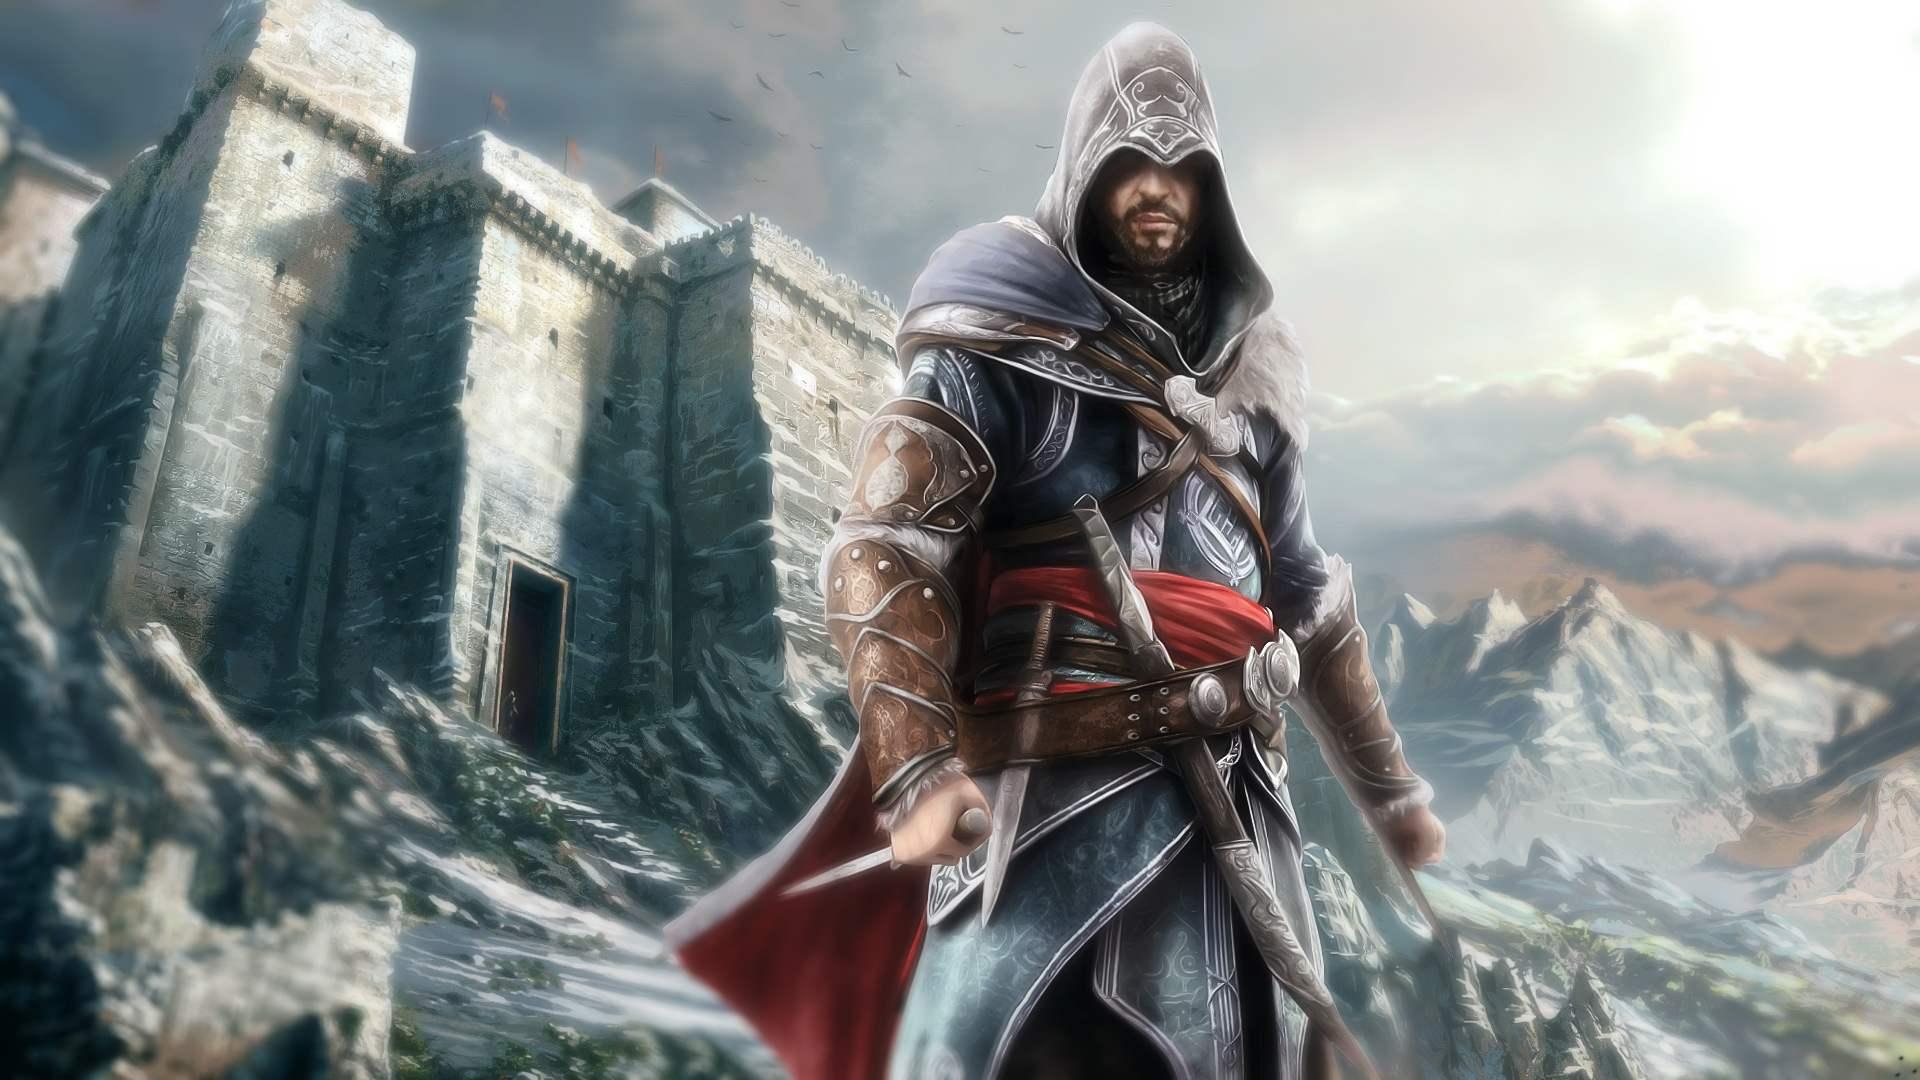 Test de Assassin's Creed The Ezio Collection sur Xbox One